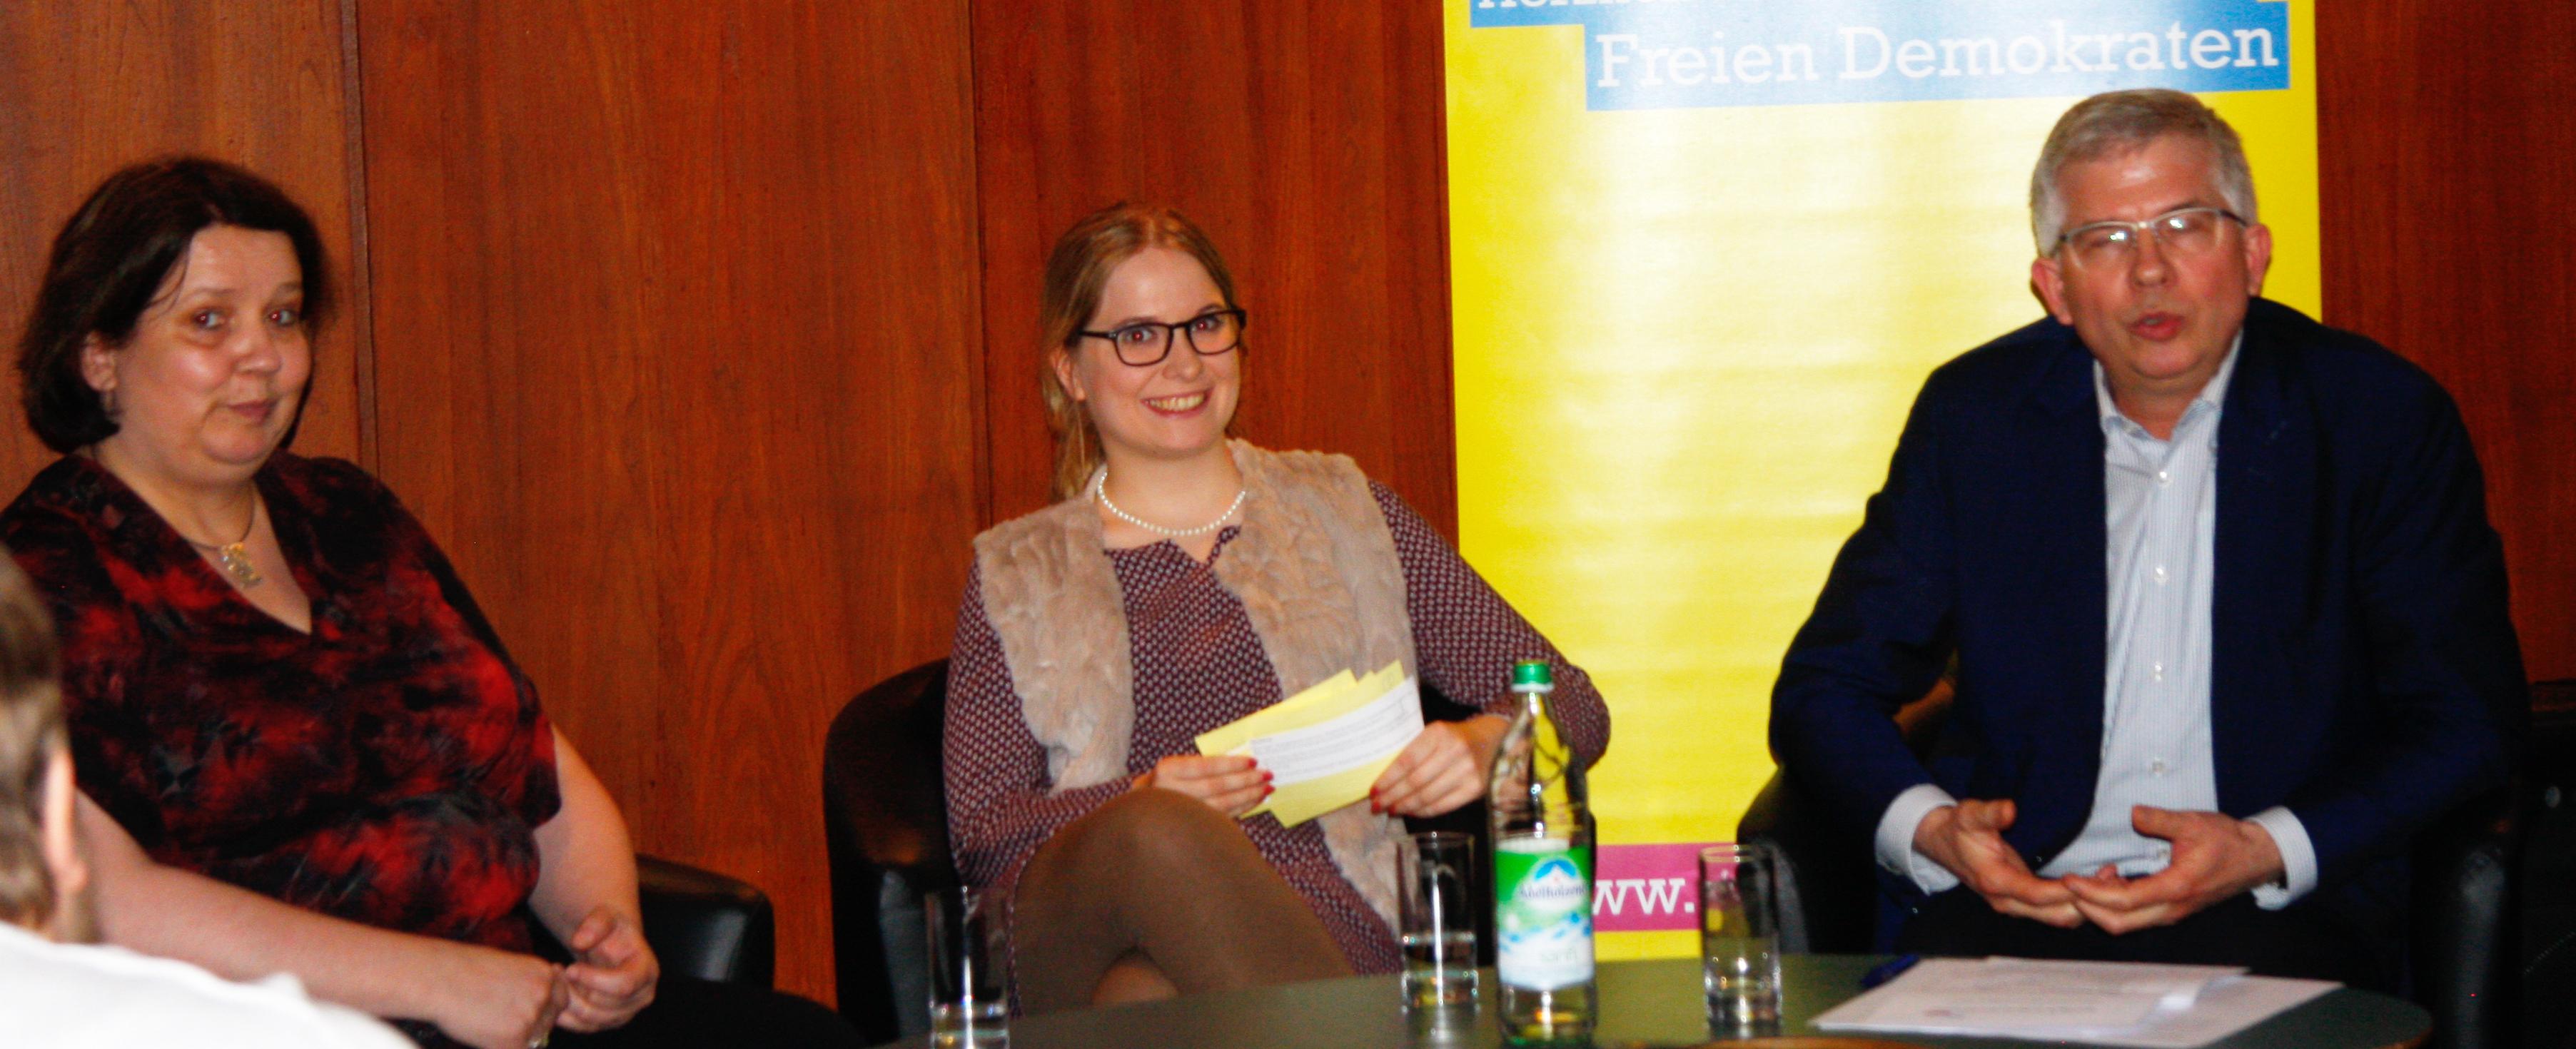 v.l.n.r.: Dr. Ilka Enger, Sophie Bott, Prof. Dr. Andrew Ullmann